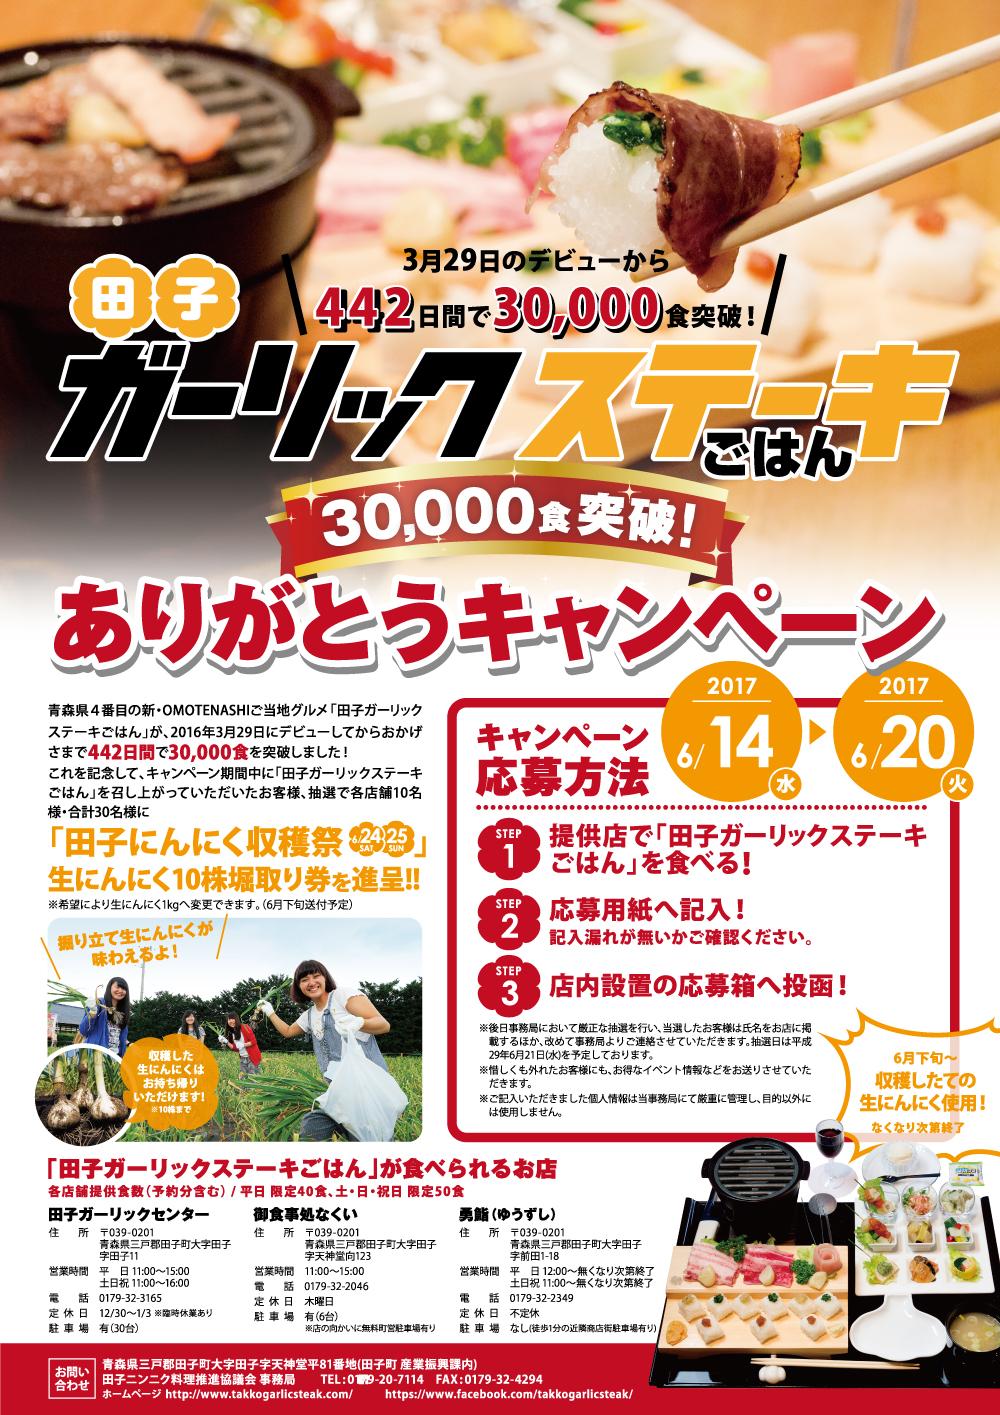 田子ガリステごはん 30,000食